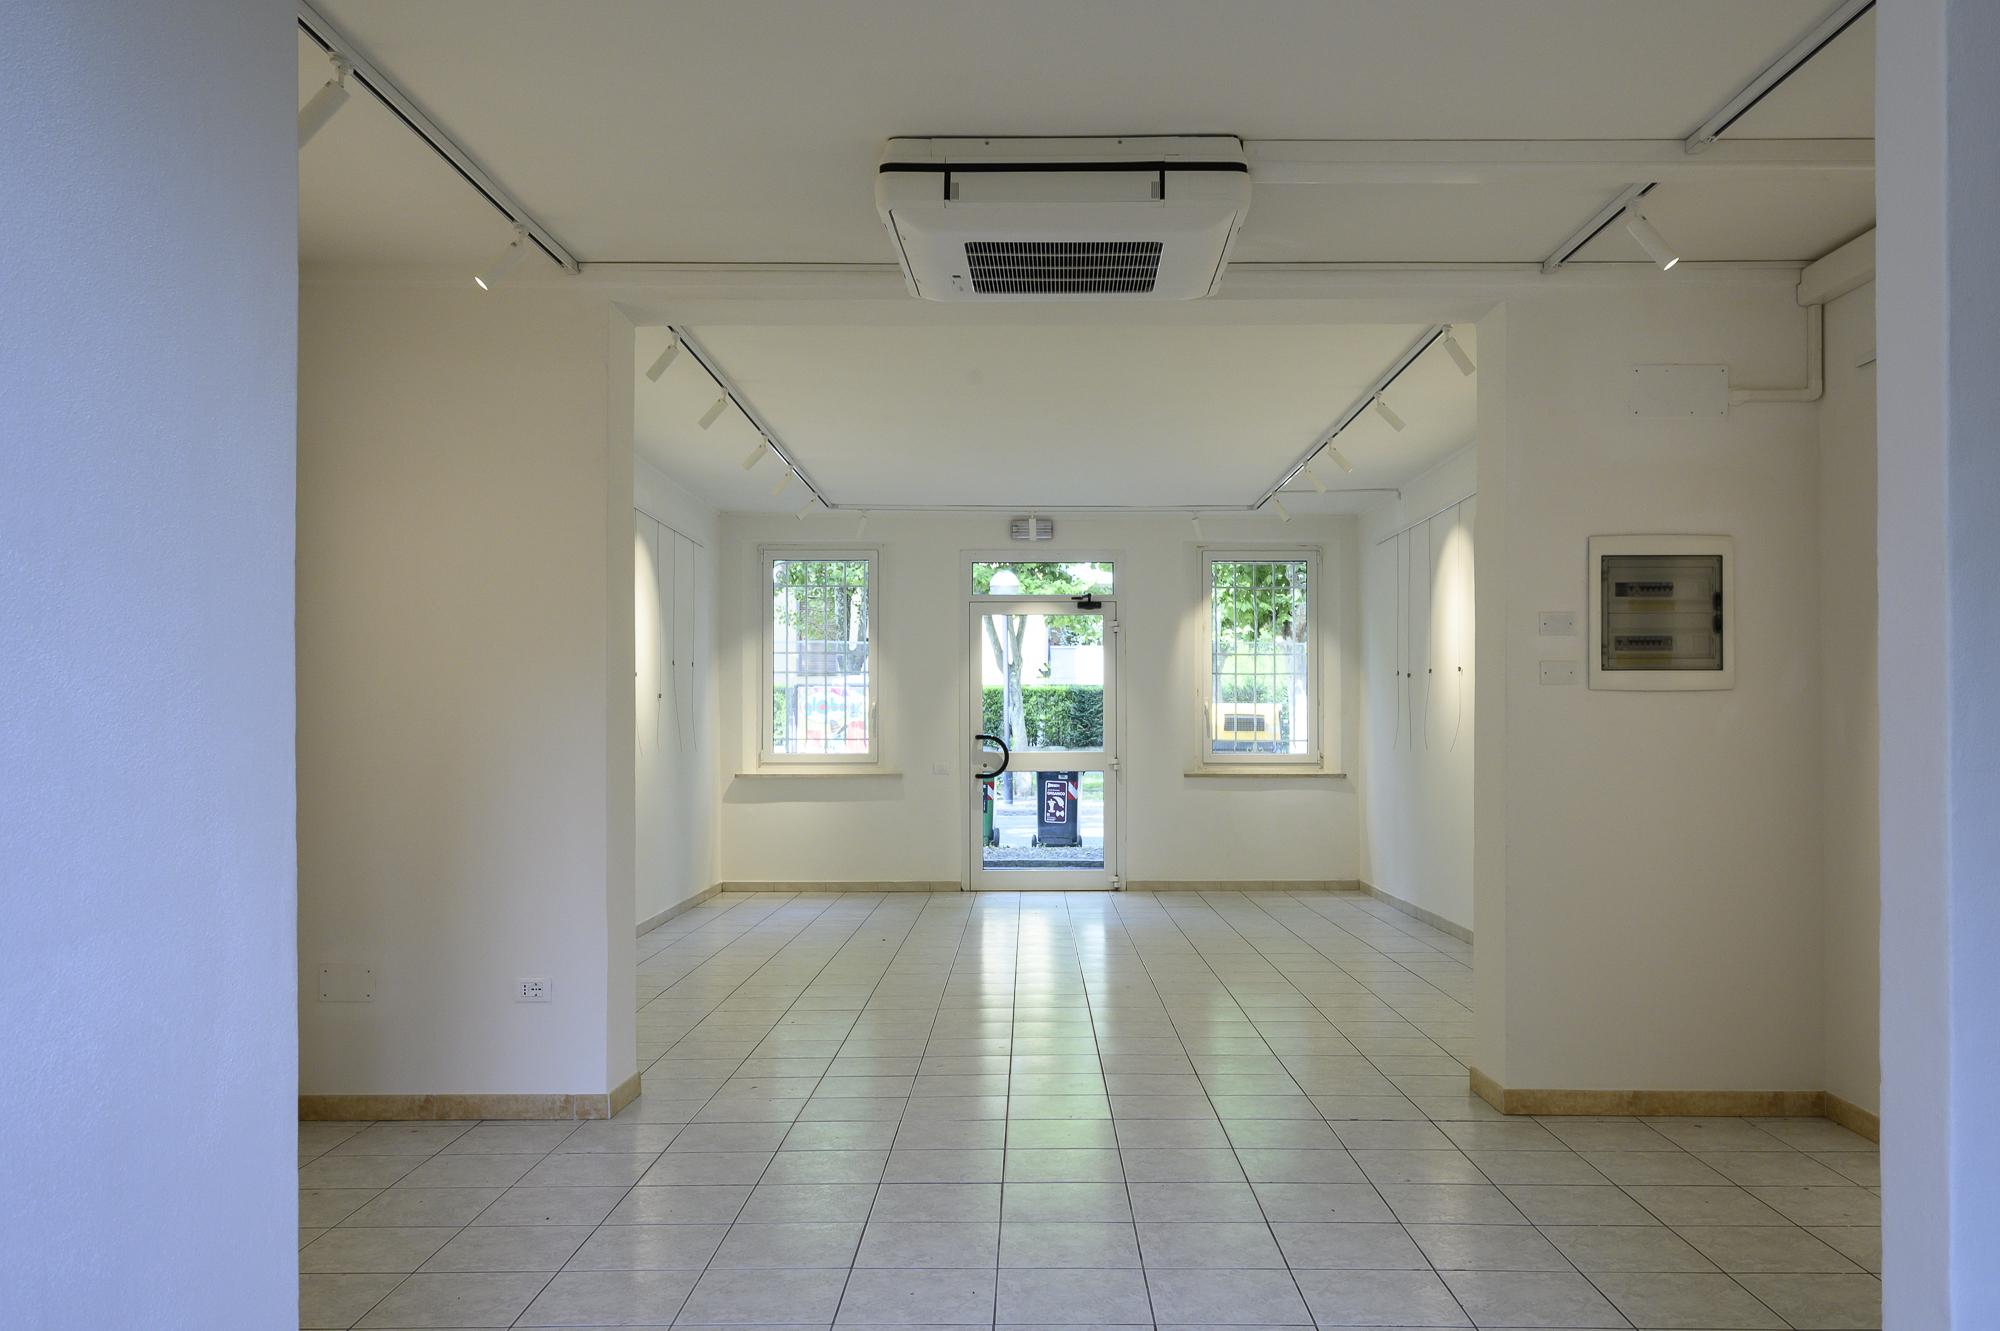 Pallavicini22 spazio espositivo Ravenna